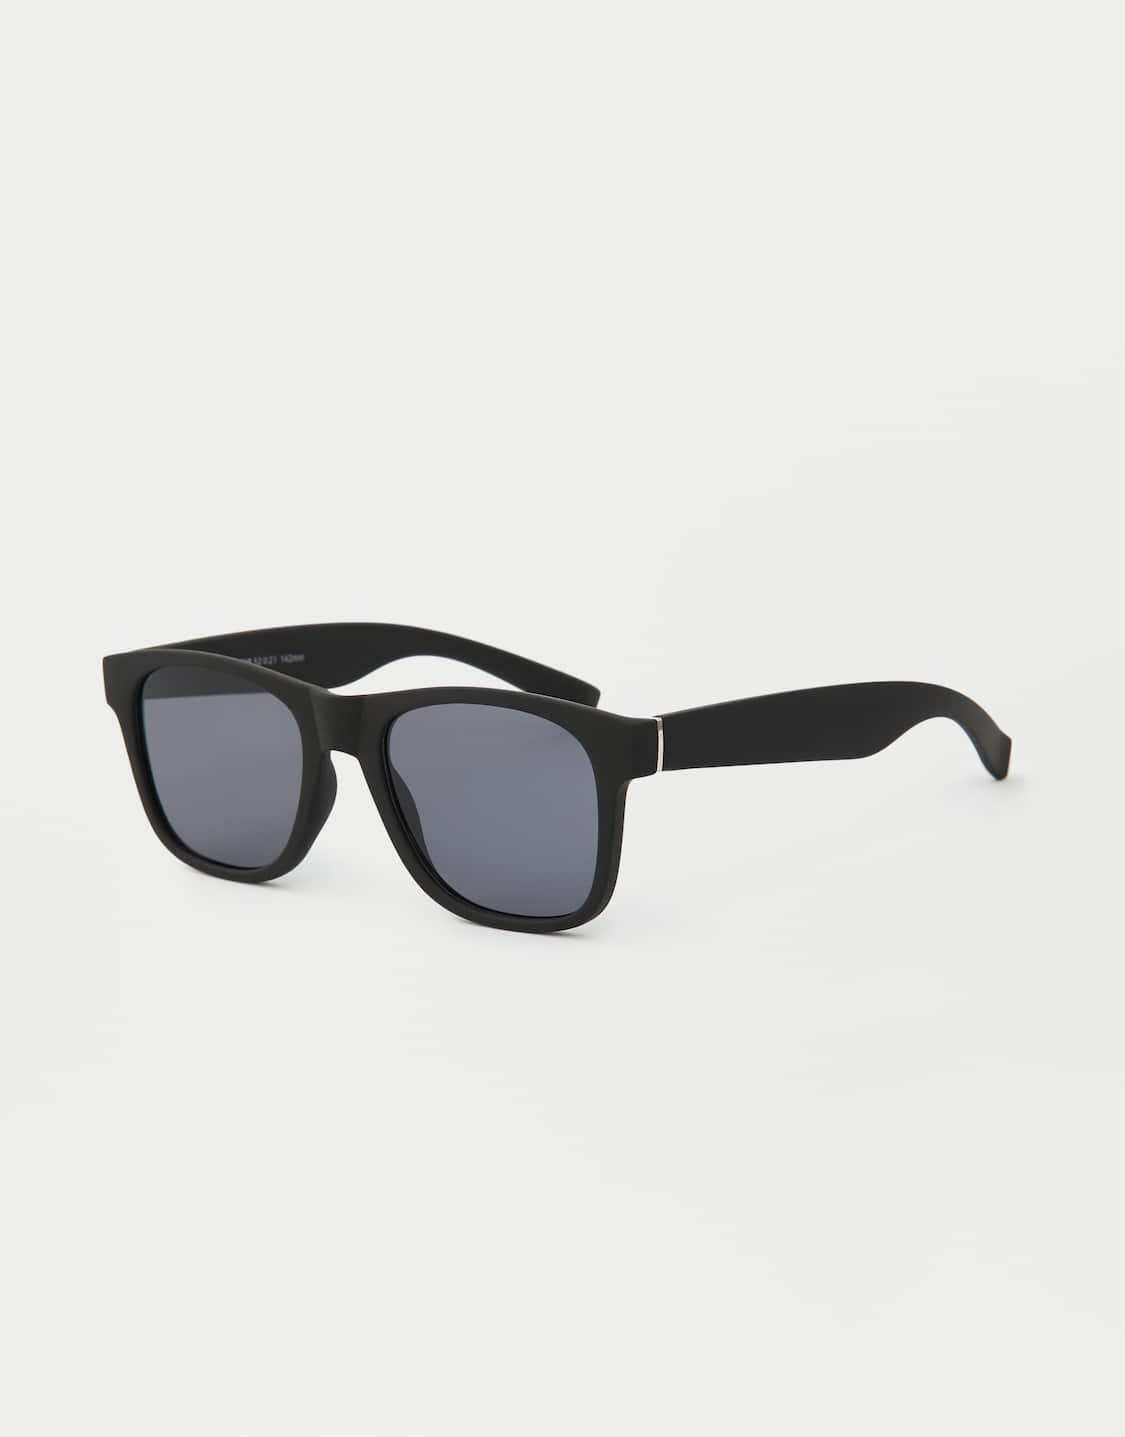 da66fe750 Óculos de sol com armação de massa preta clássicos - PULL&BEAR